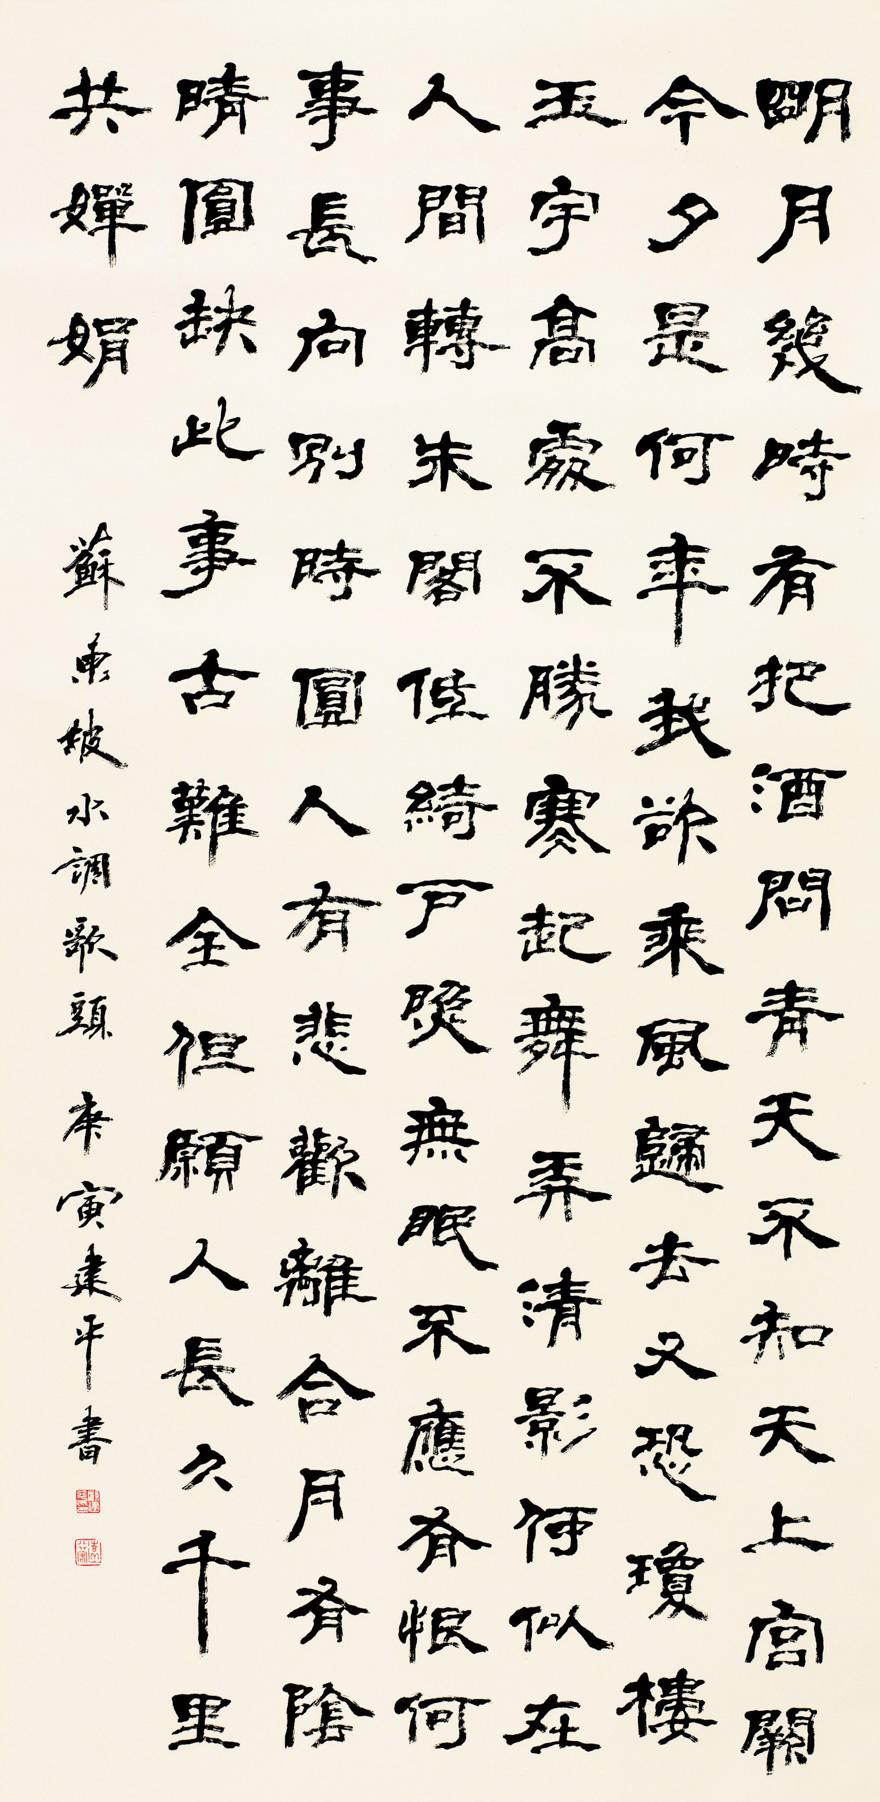 隶书苏轼《水调歌头》